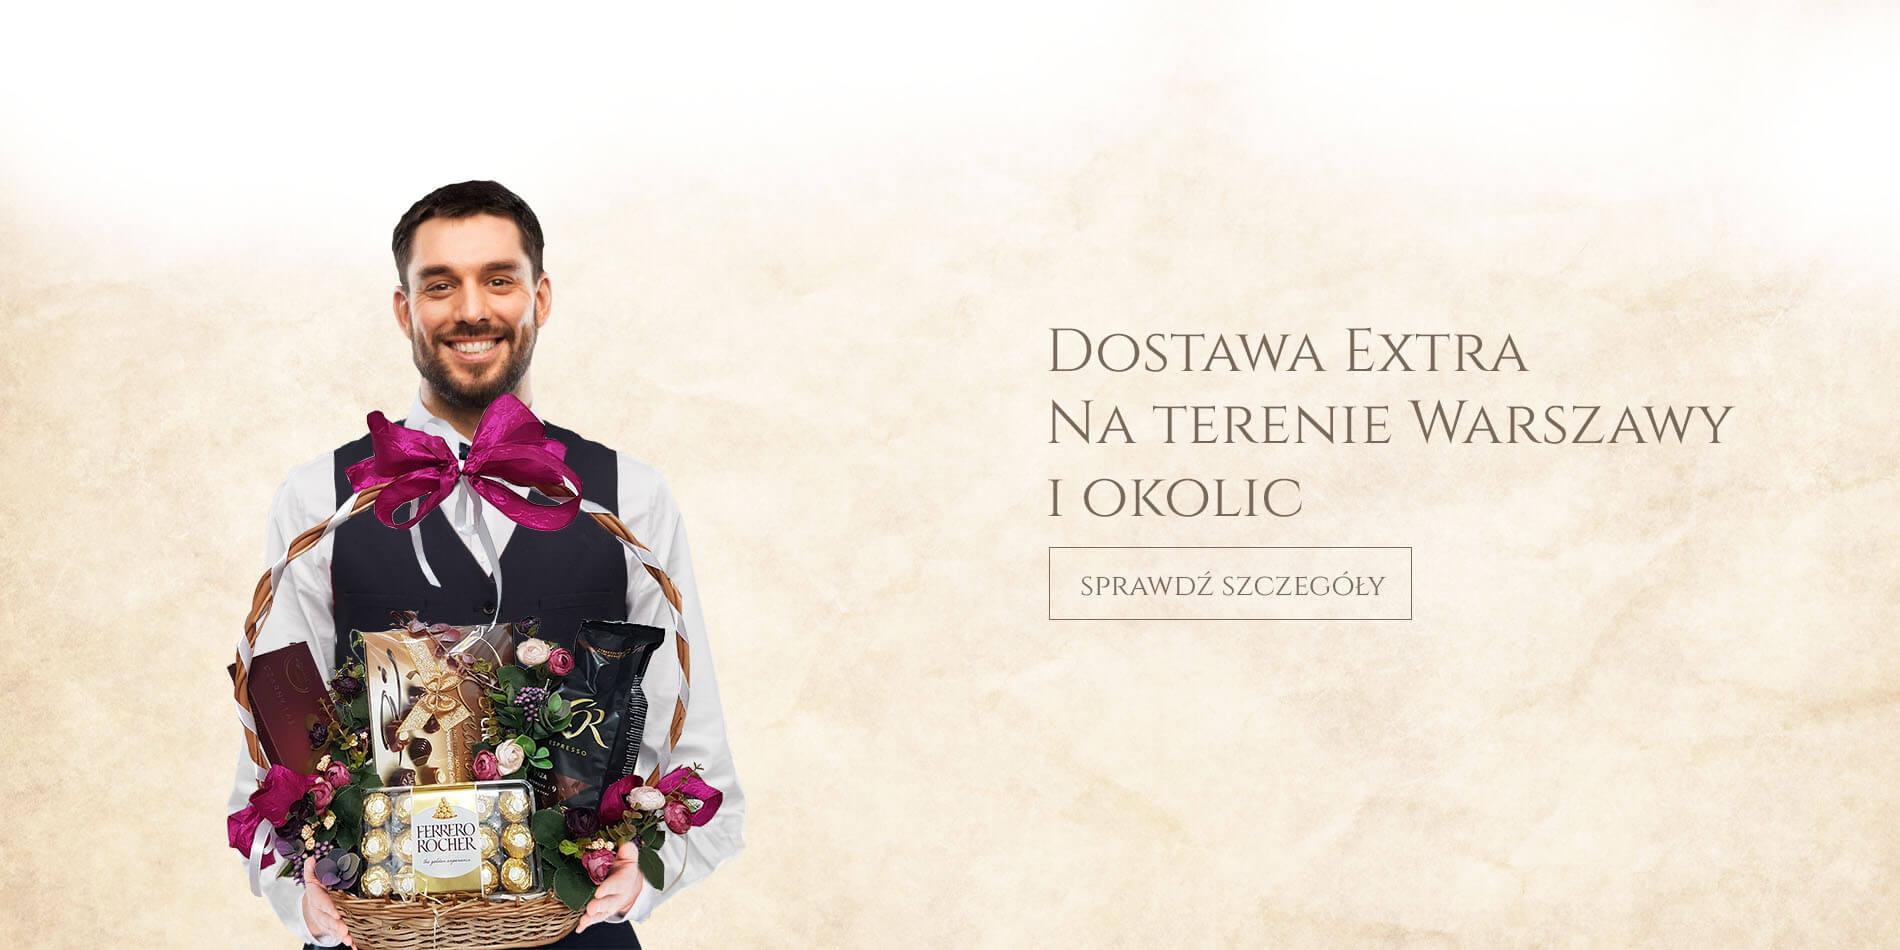 Usługa Extra na terenie Warszawy i okolic